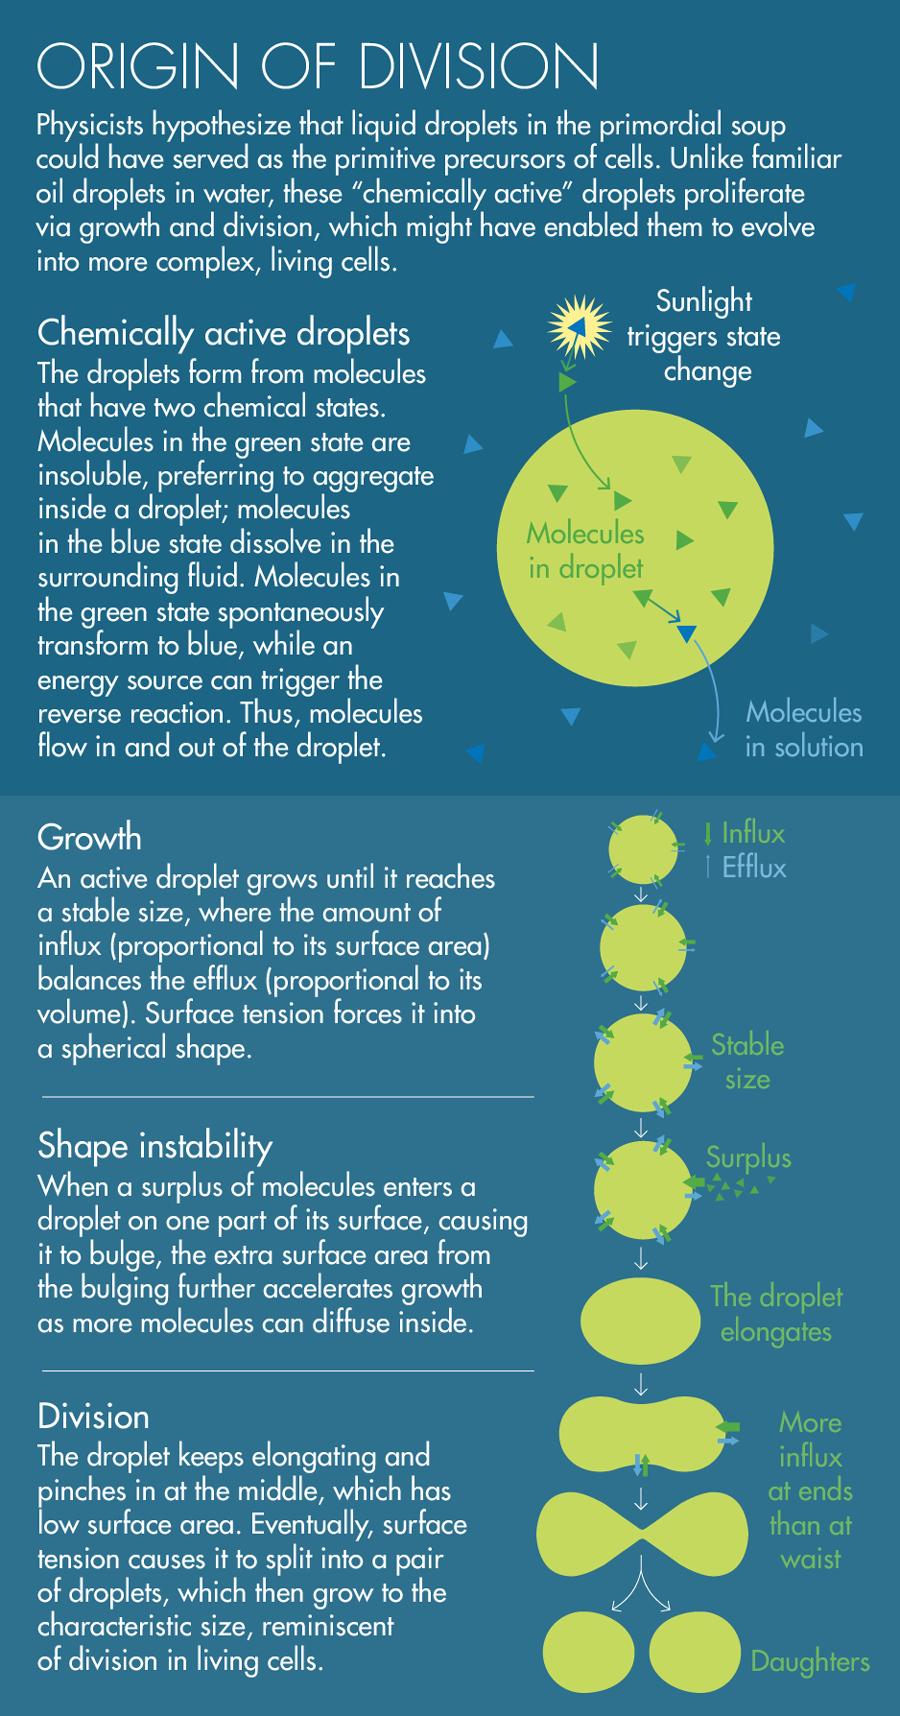 Dividing Droplets Could Explain Origin of Life | Quanta Magazine